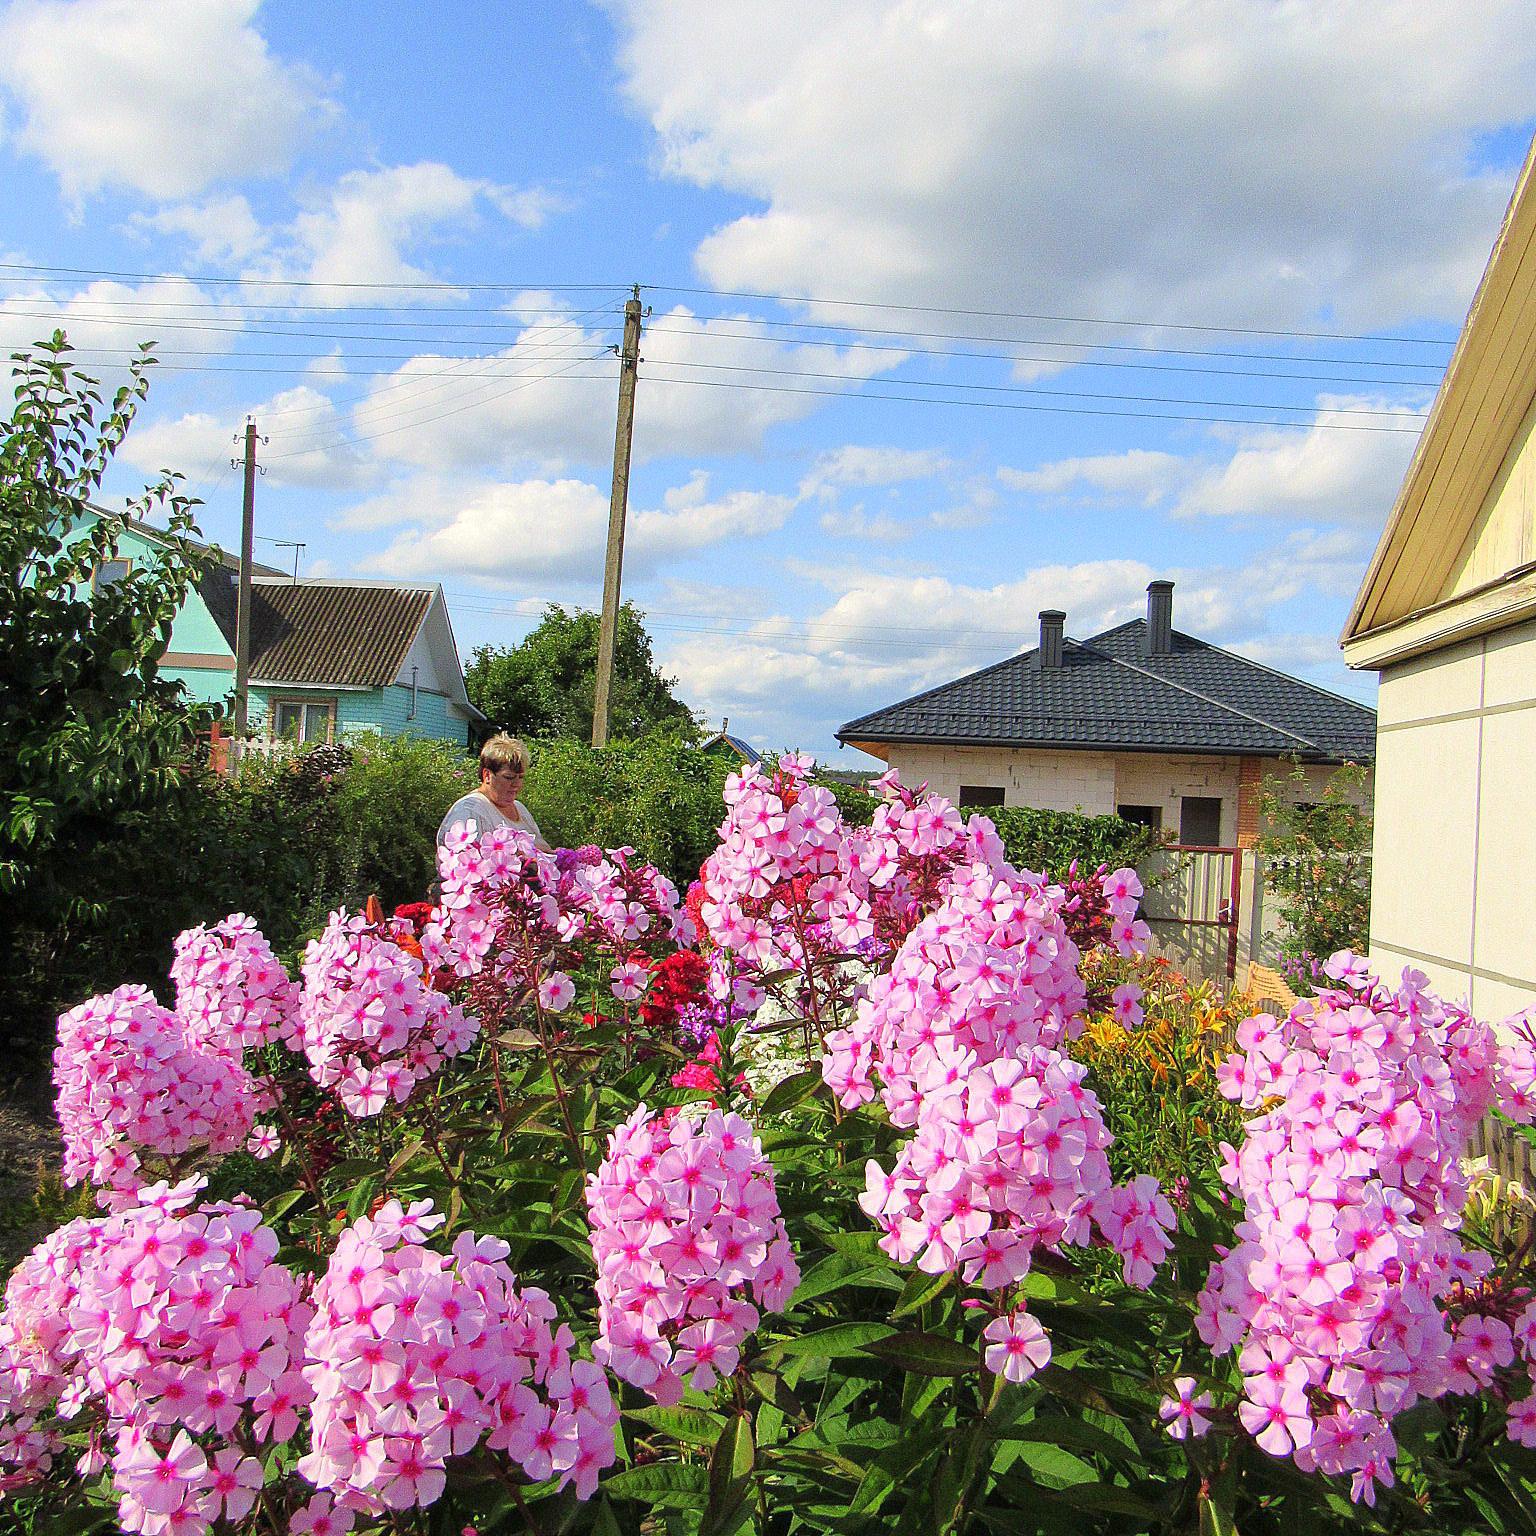 своё время флоксы на даче и в саду фото информацию фонтанке подтвердило